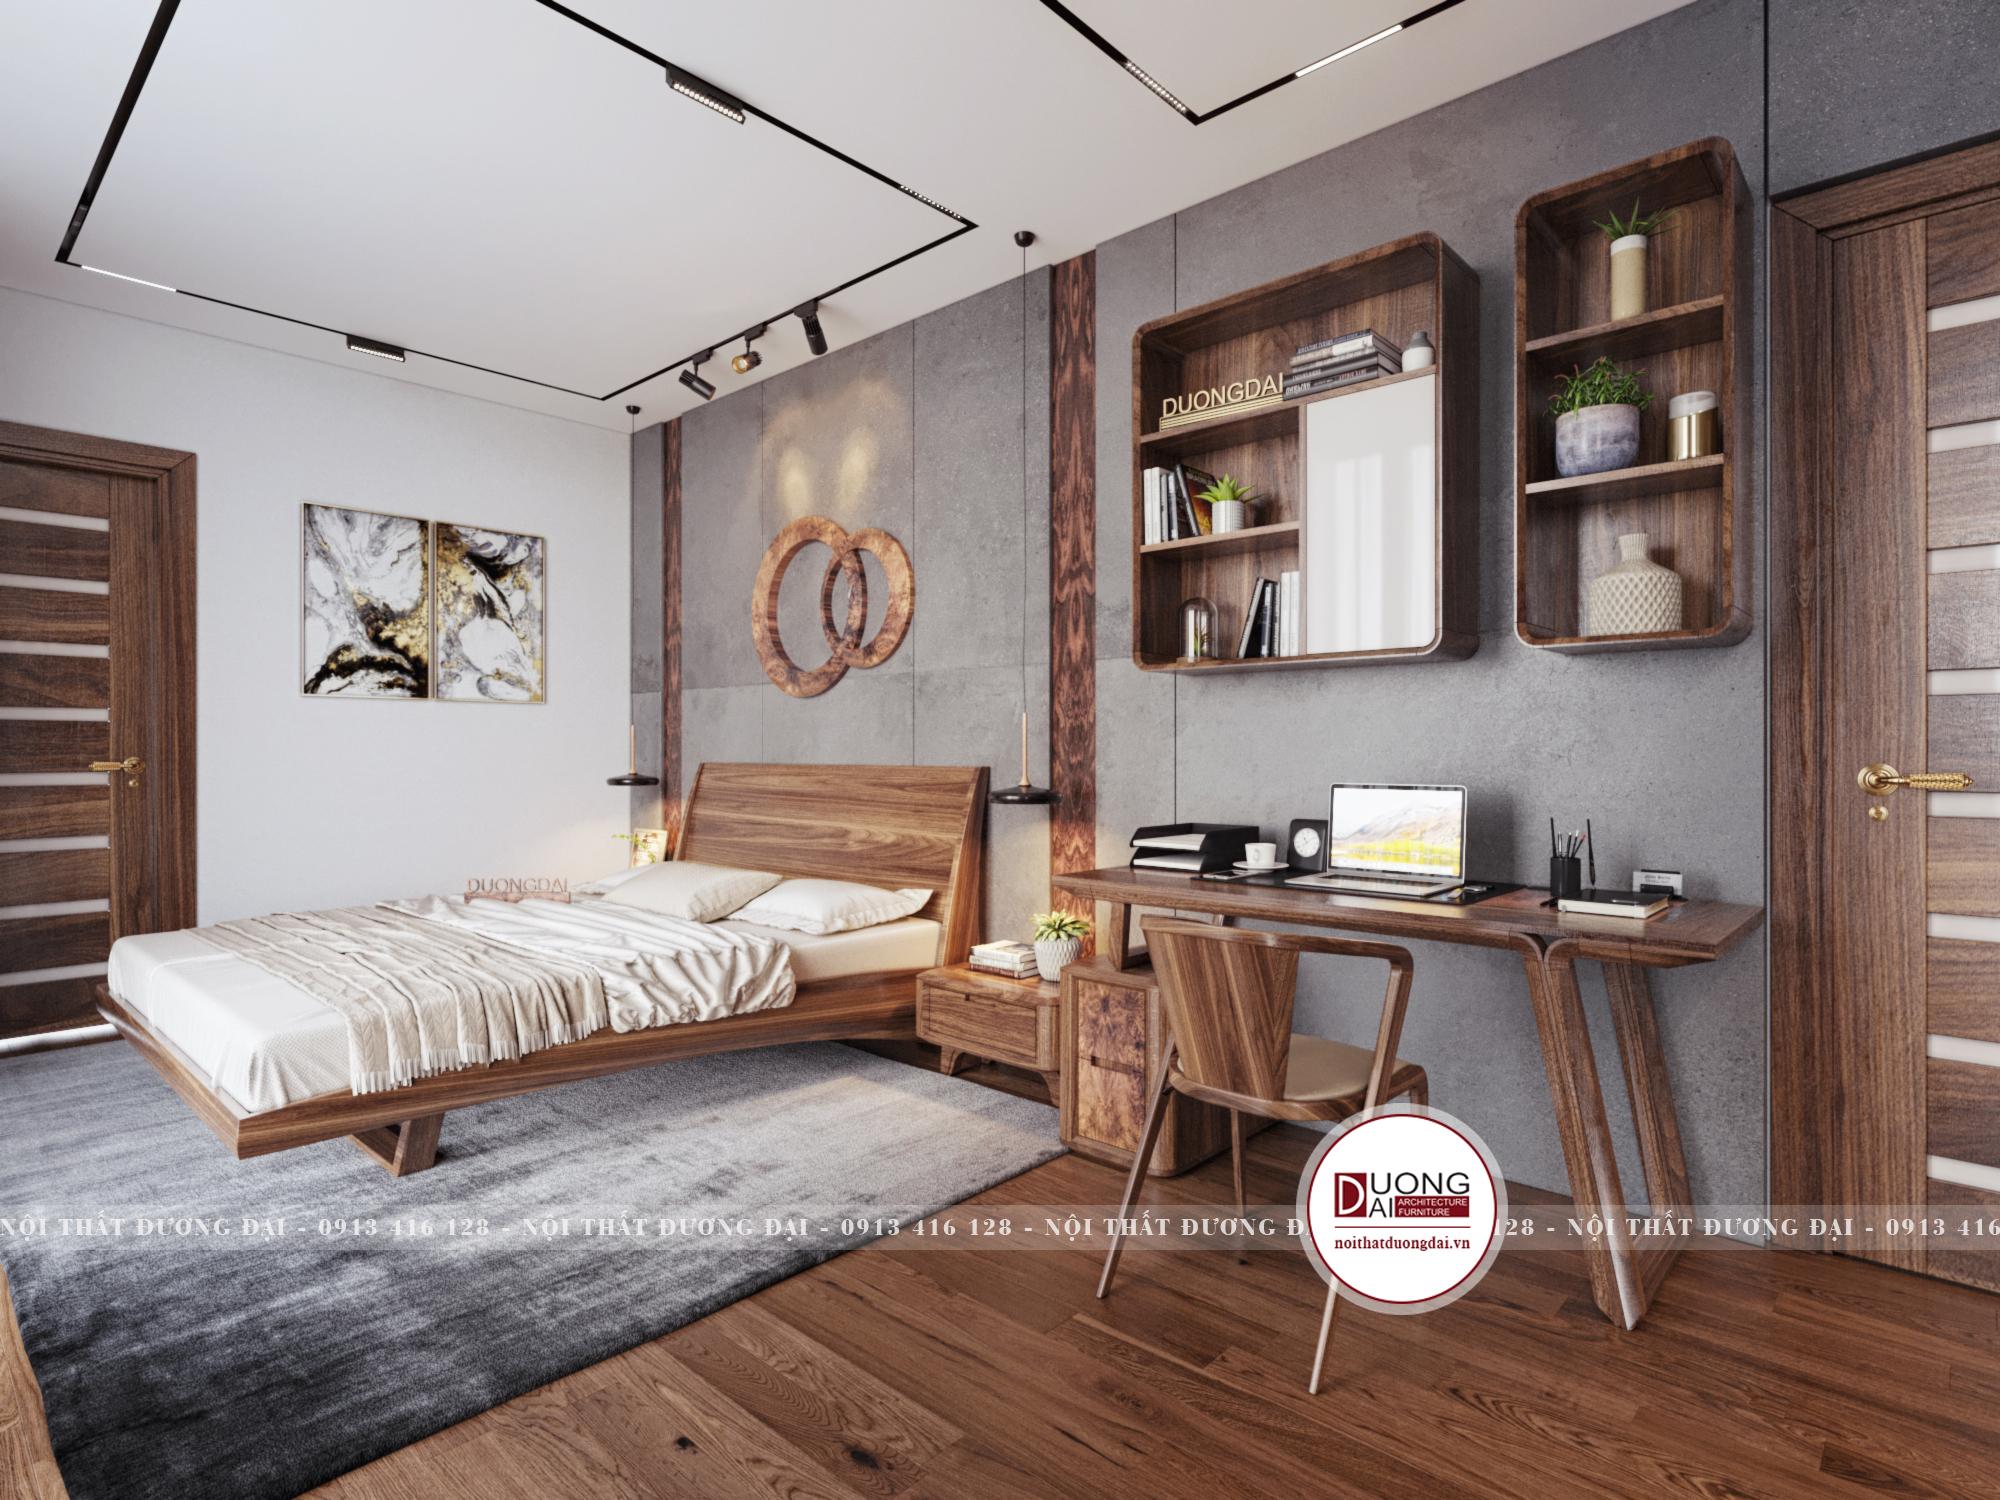 Thiết kế nội thất Chung Cư tại Hà Nội SKY VILLA 01 TẦNG 2 1632153748 12